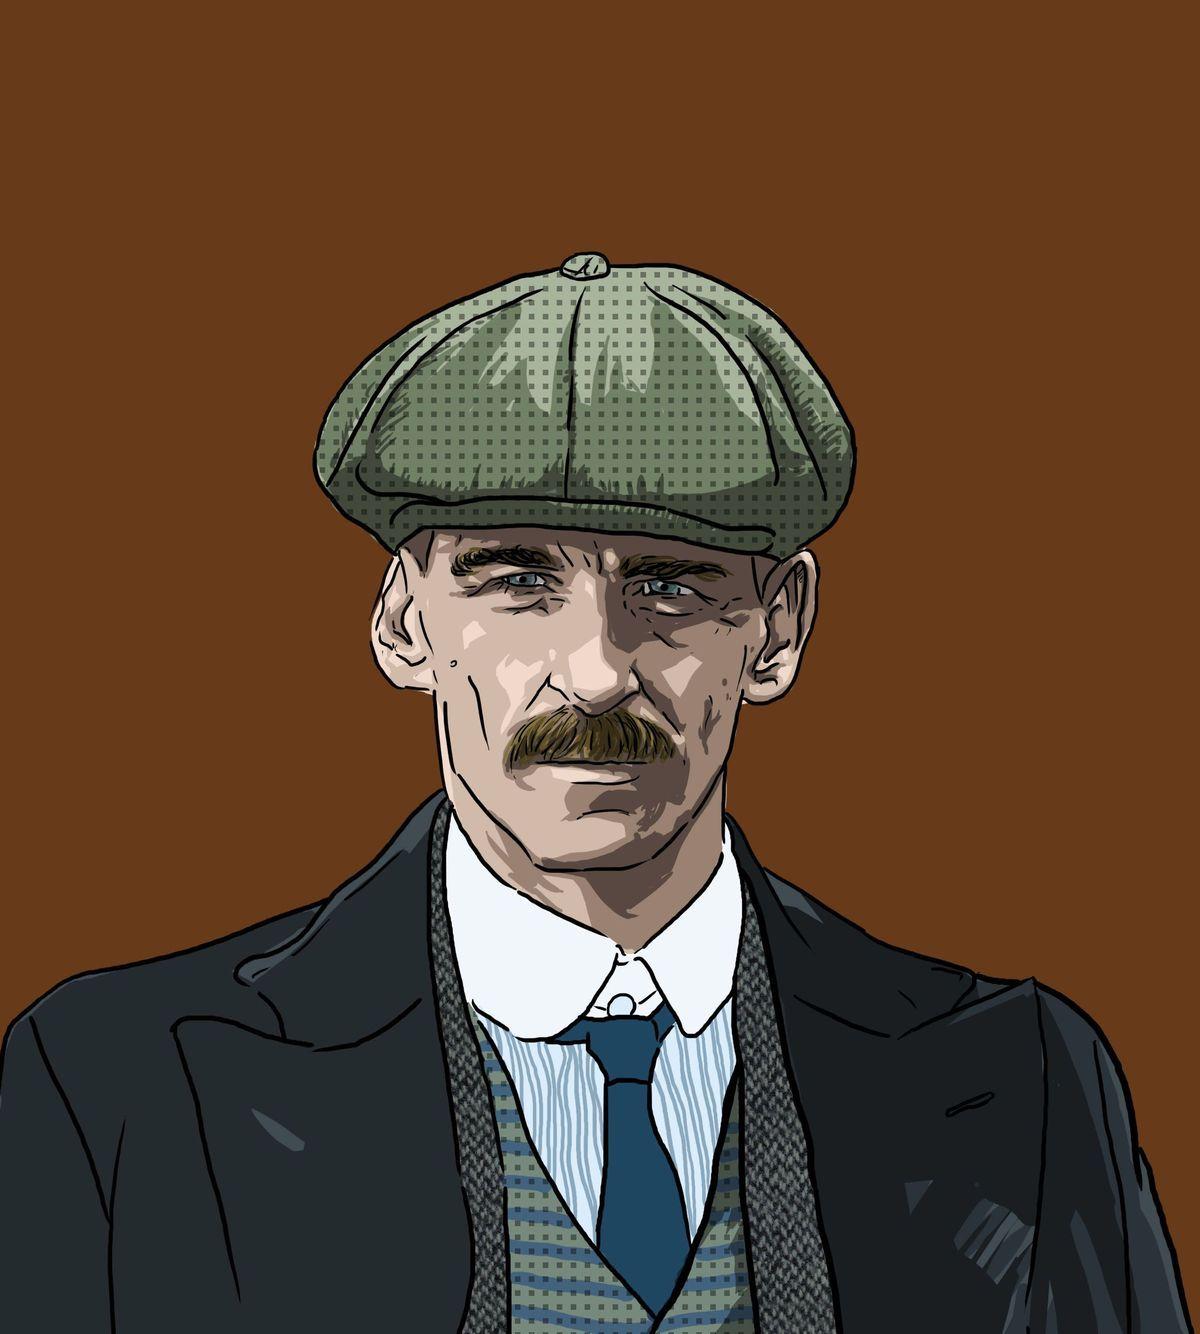 Peaky Blinders Series Characters Art Silk Poster 12x18 24x36